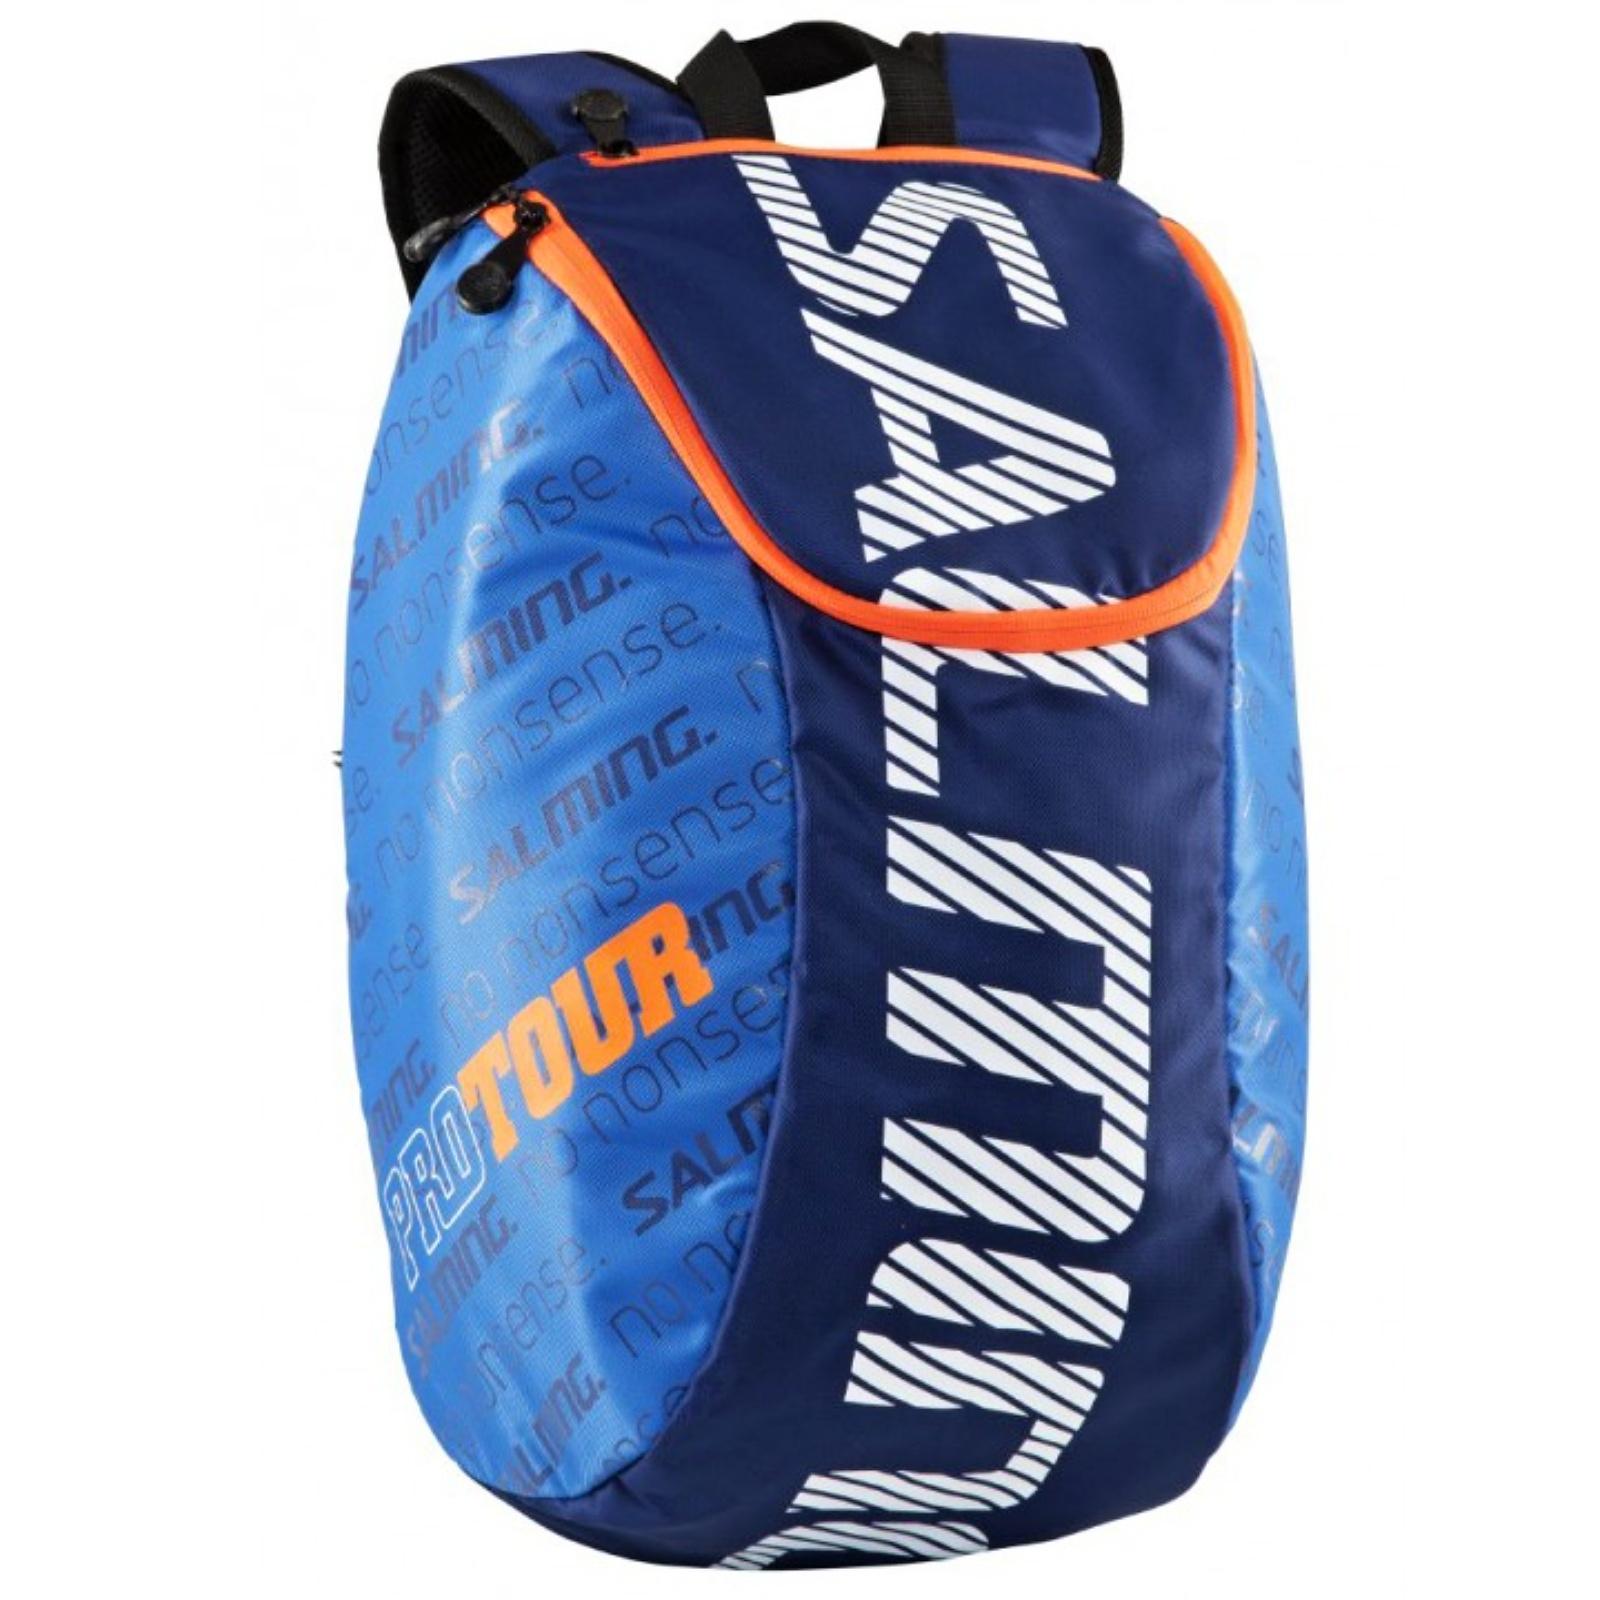 Sportovní batoh SALMING Pro Tour Backpack modrá/oranžová, 18L